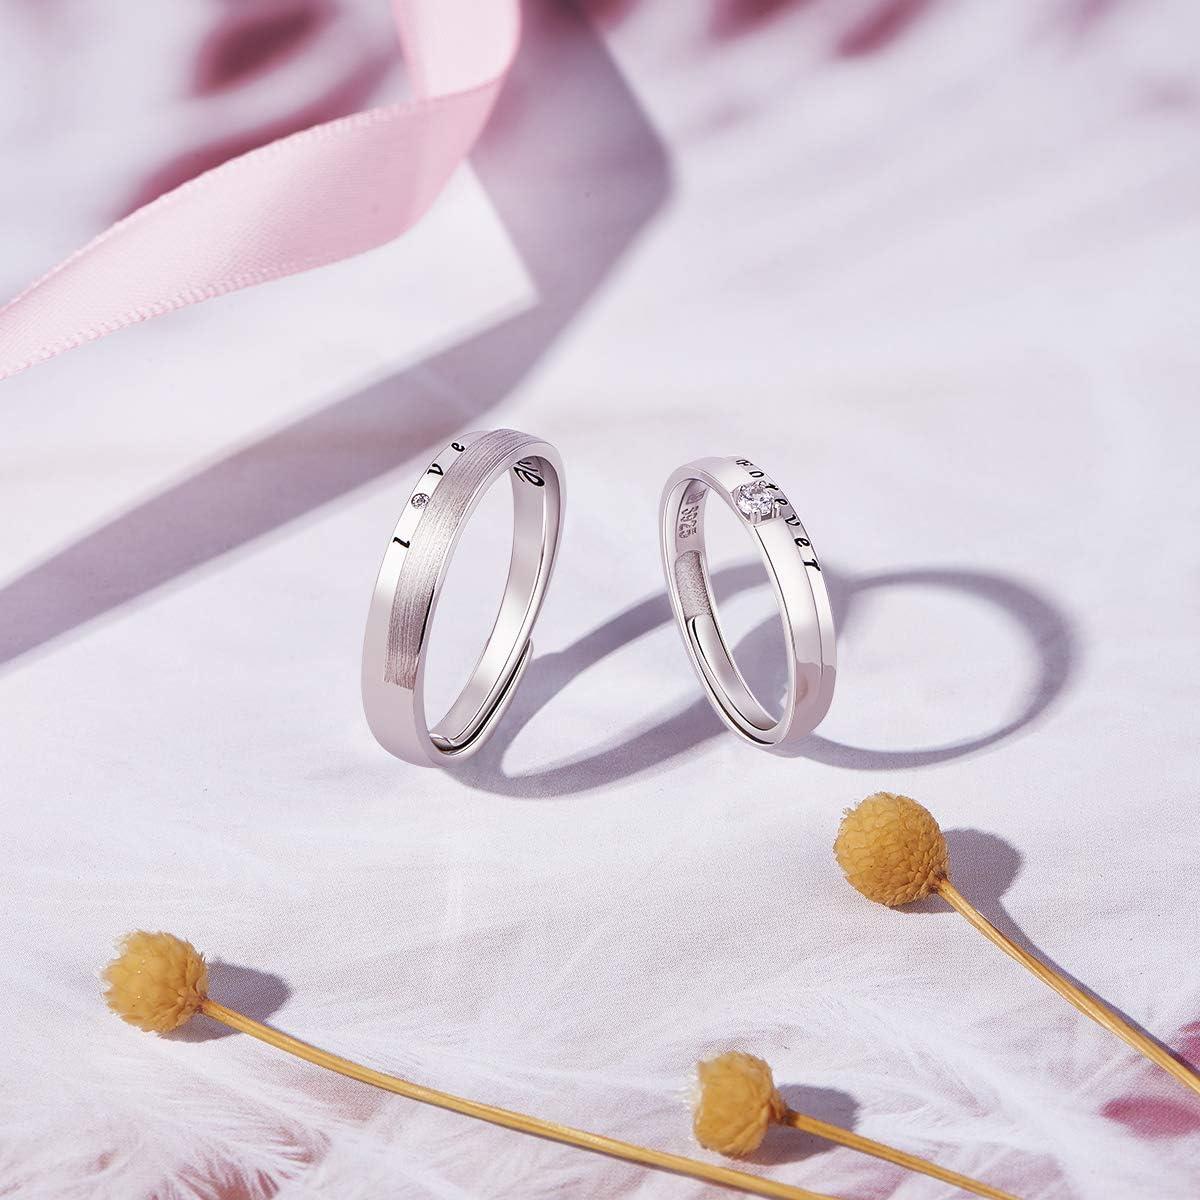 SHEGRACE Bague en Couple en Argent Sterling 925 Bague pour Femme m/ét/éorite Bijoux pour Femmes Cadeau de No/ël pour la Saint-Valentin Argent